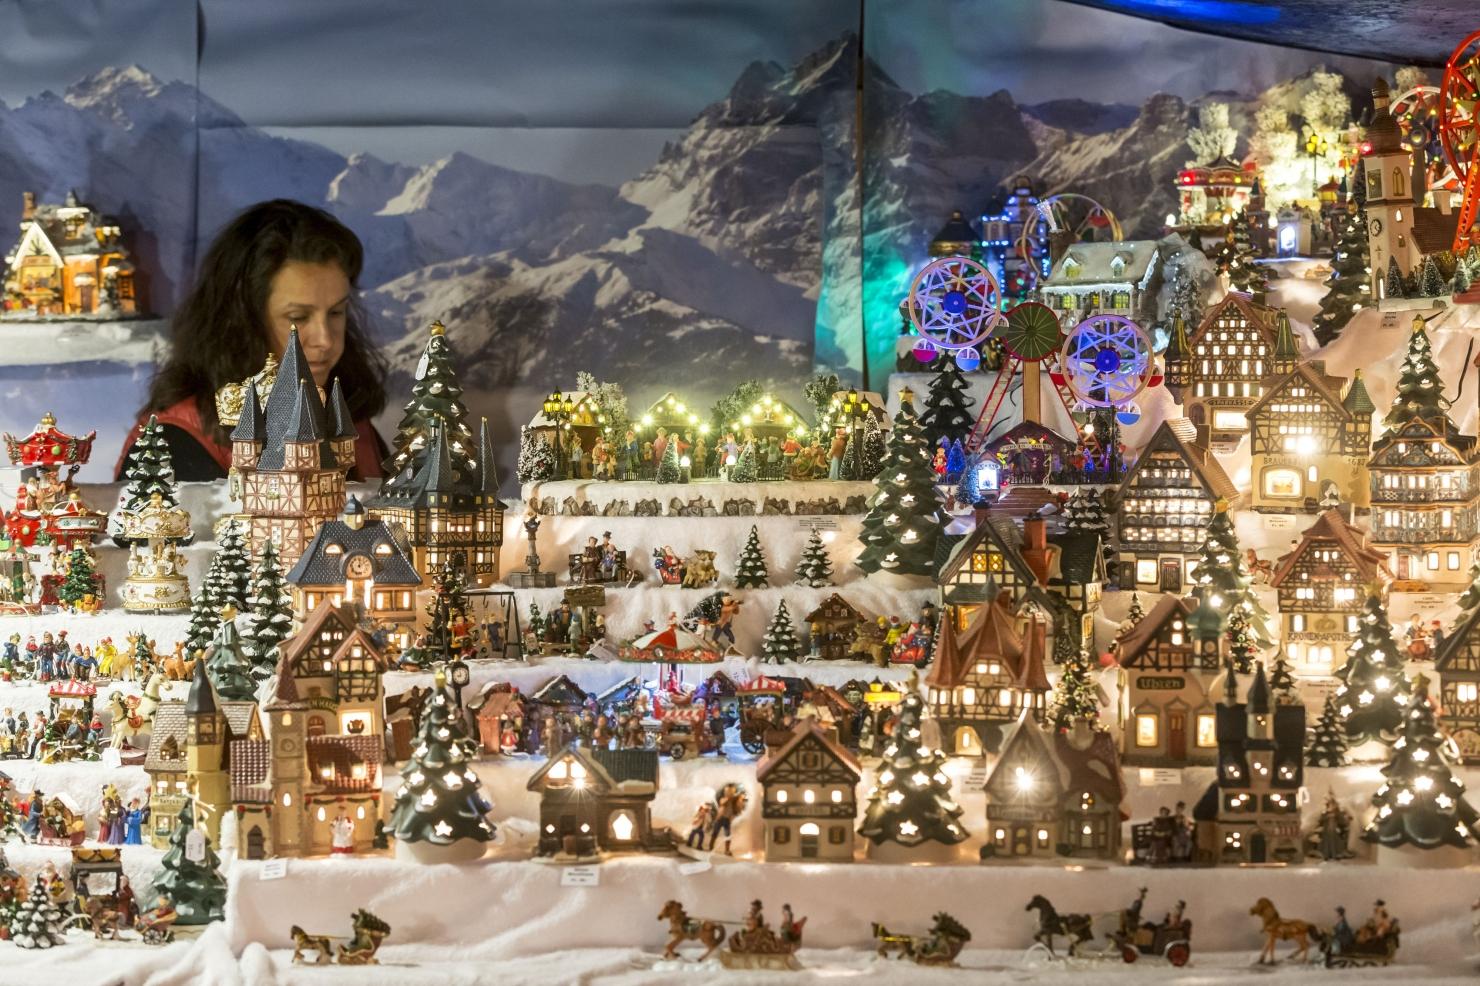 Târg de Crăciun în Elveția